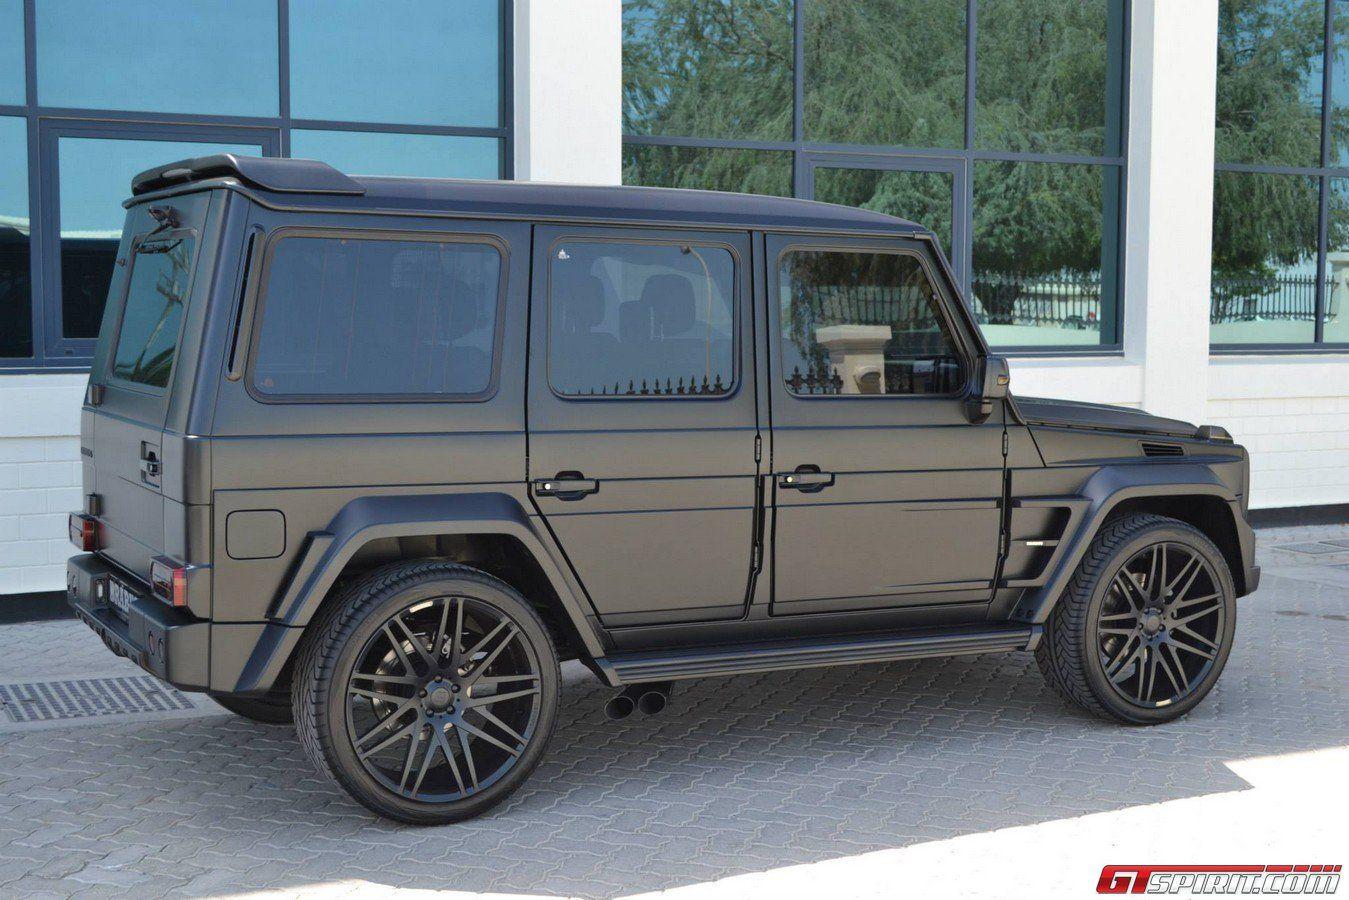 Matte Black Brabus Widestar G55 Amg Mercedes G Wagon Mercedes